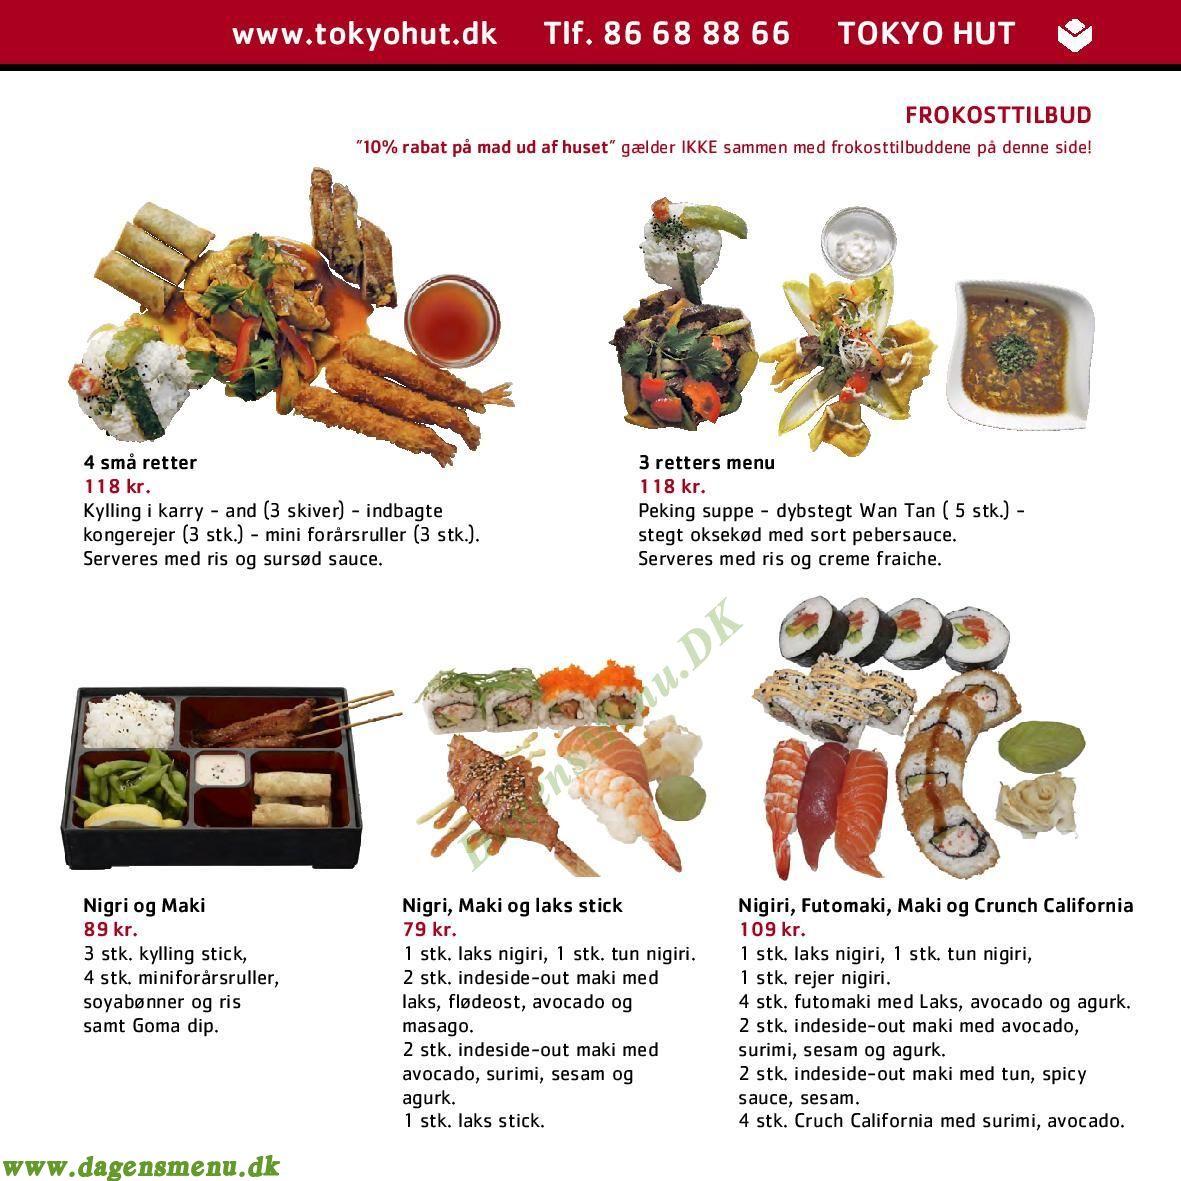 Tokyo Hut Running Sushi & Steak House - Menukort